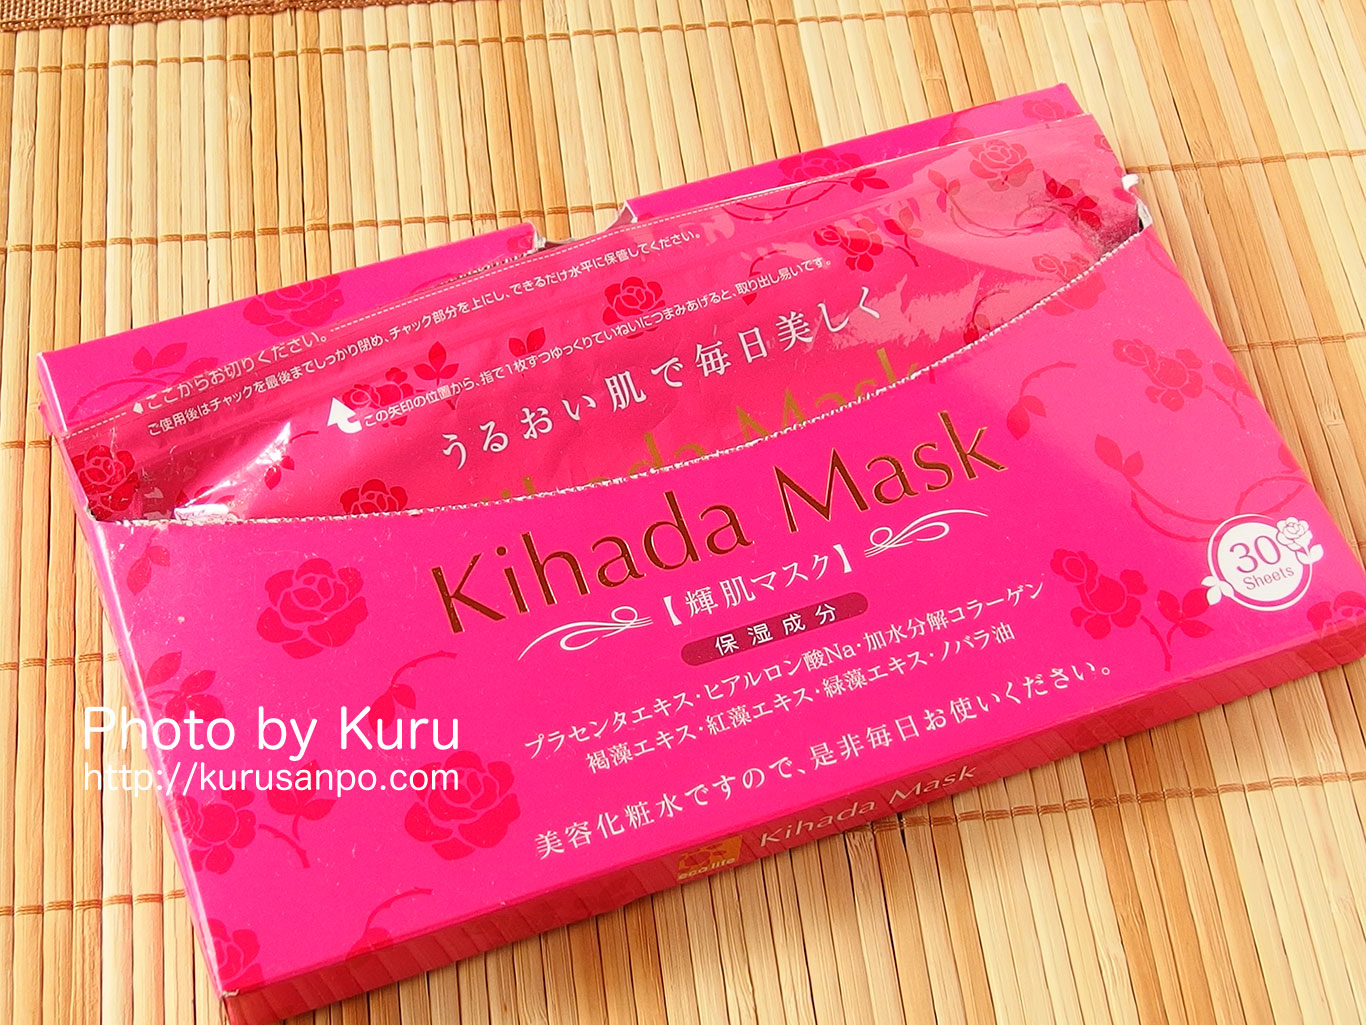 エコライフ『Kihada Mask(輝肌マスク)』